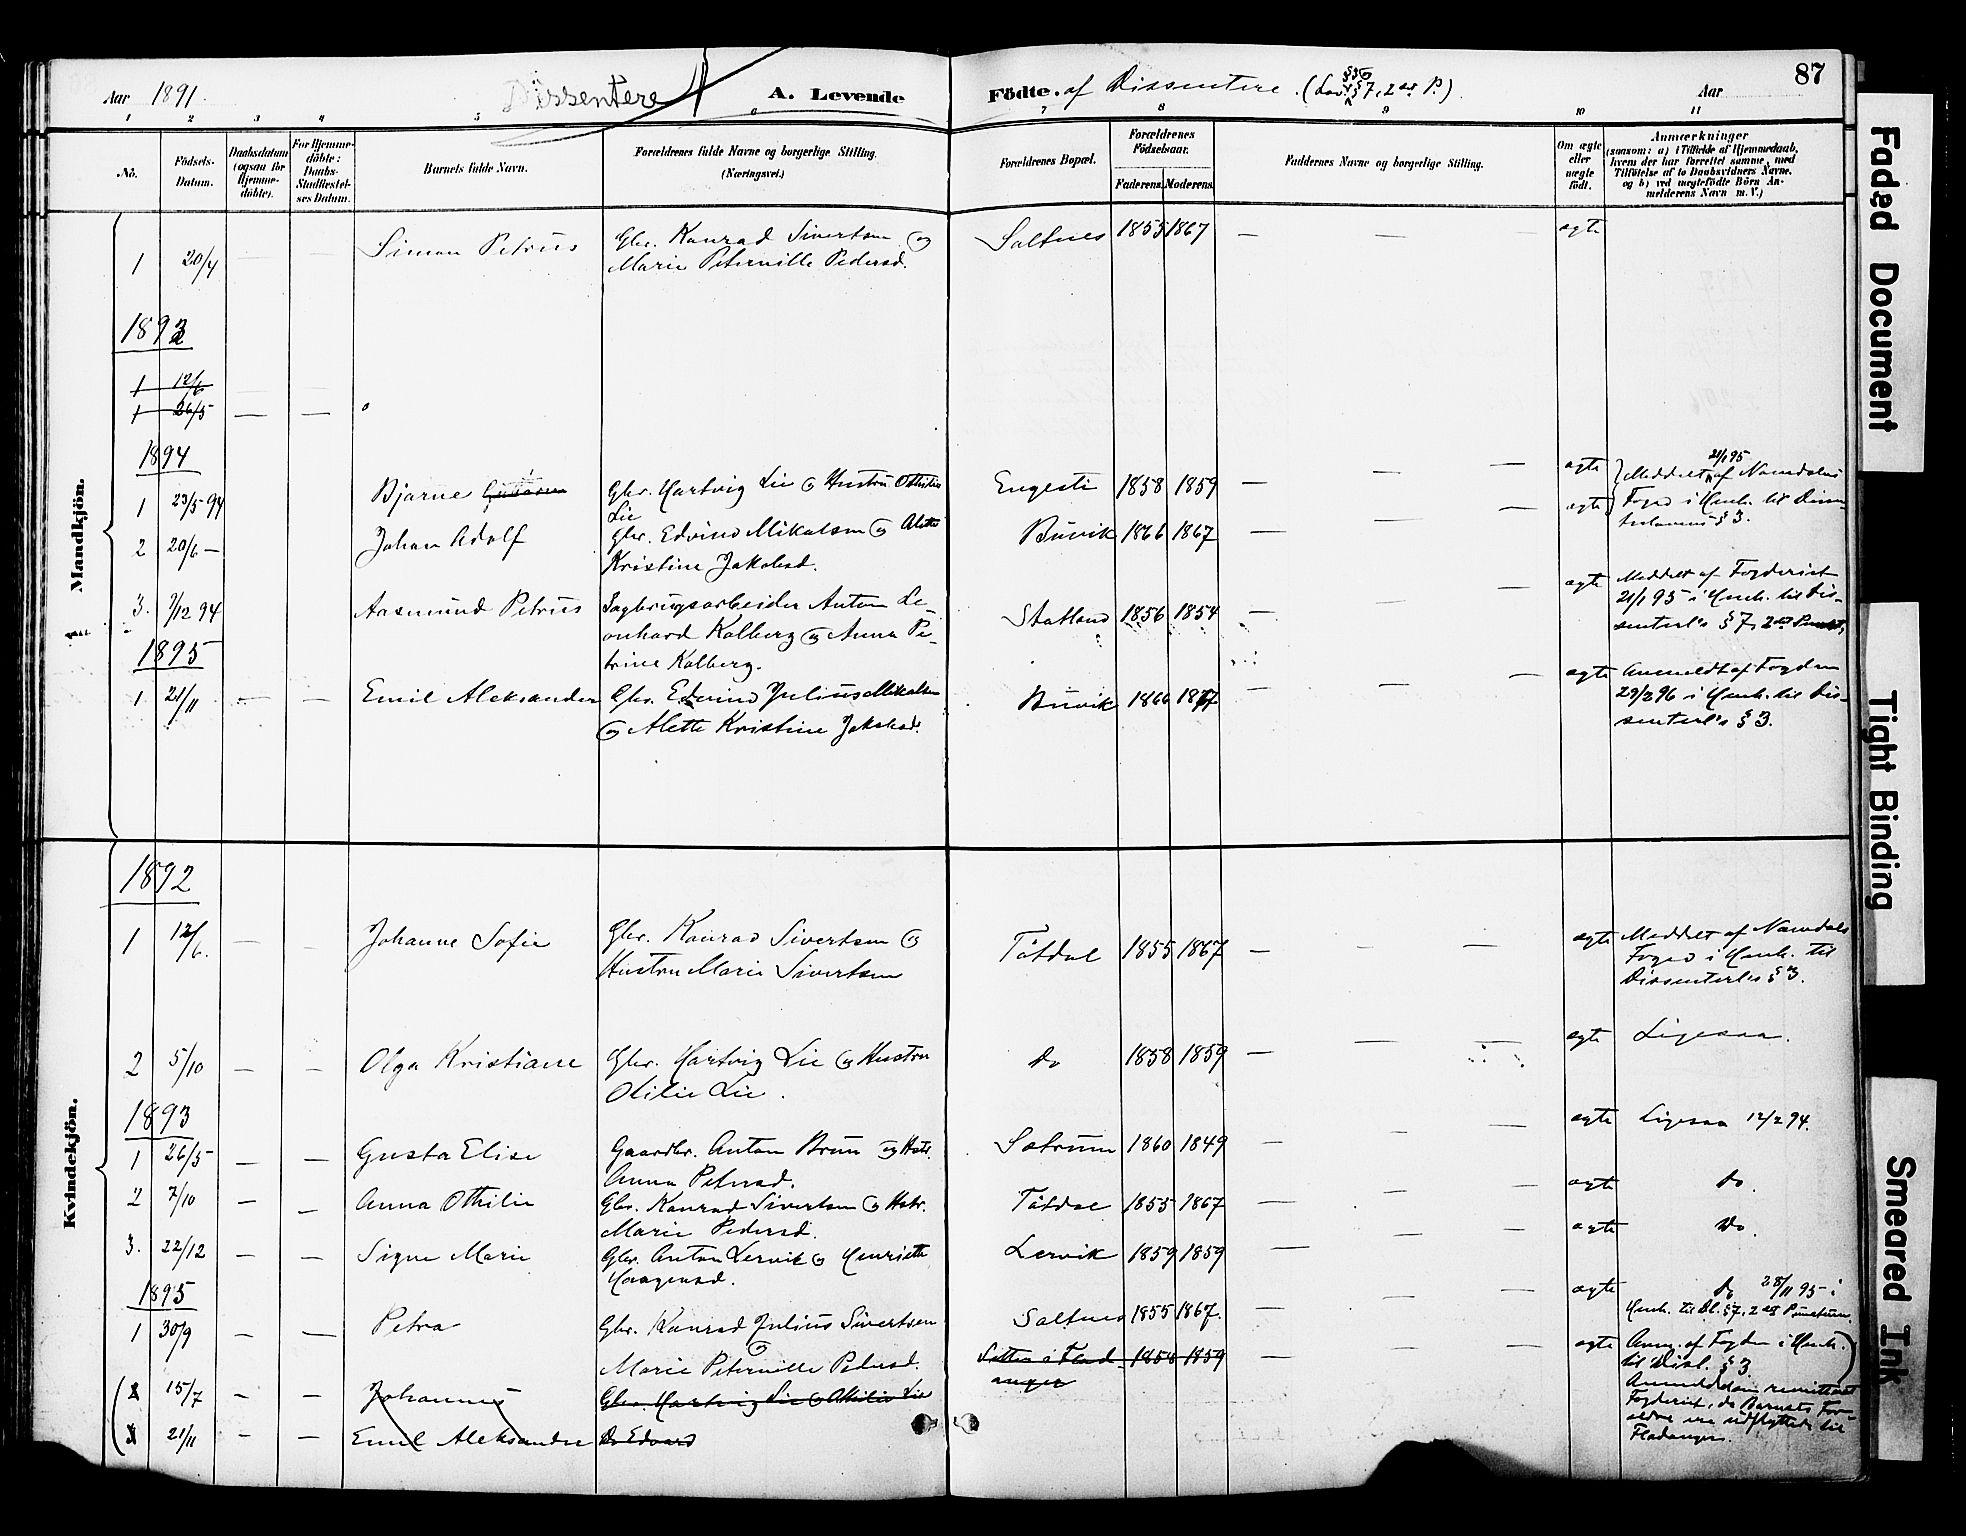 SAT, Ministerialprotokoller, klokkerbøker og fødselsregistre - Nord-Trøndelag, 774/L0628: Ministerialbok nr. 774A02, 1887-1903, s. 87